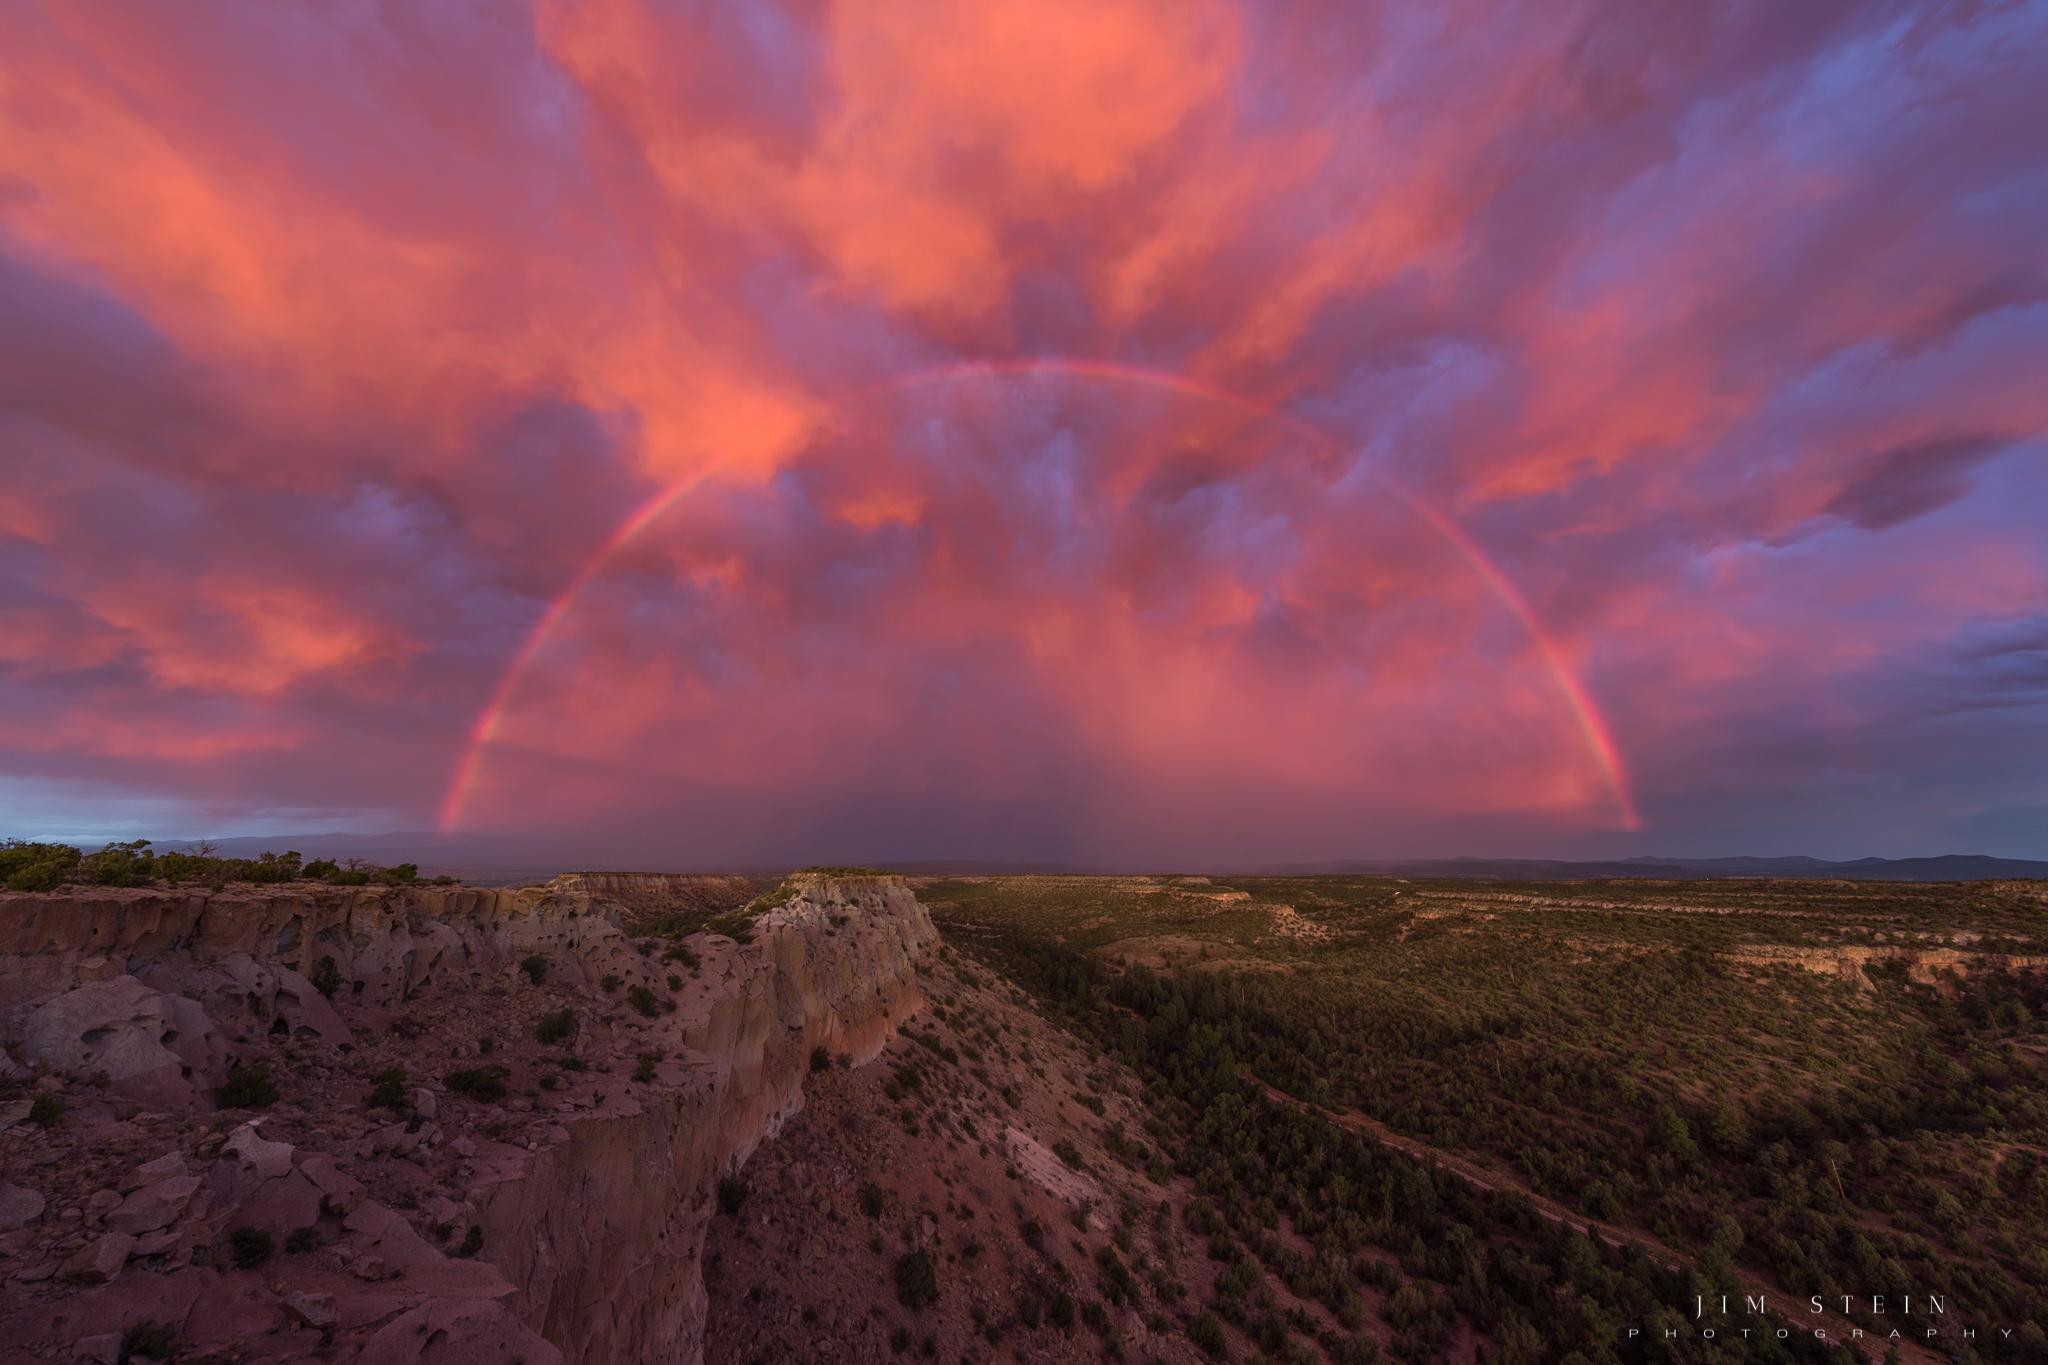 Mexico Sunset + Rainbow 11mm =  - jimstein   ello